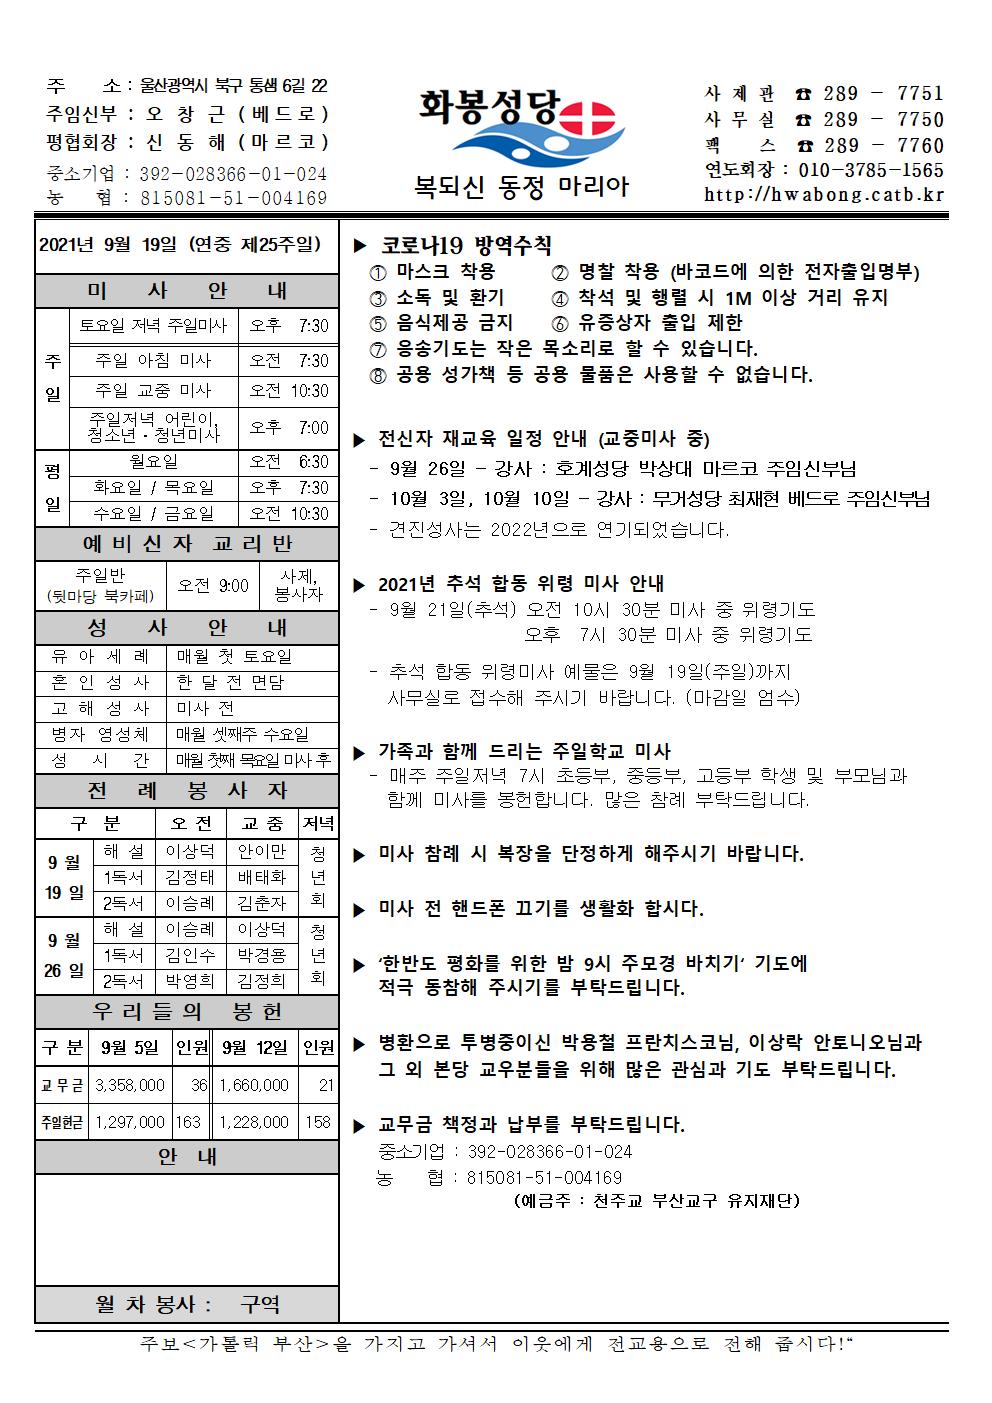 화봉성당 20210919 주보.png